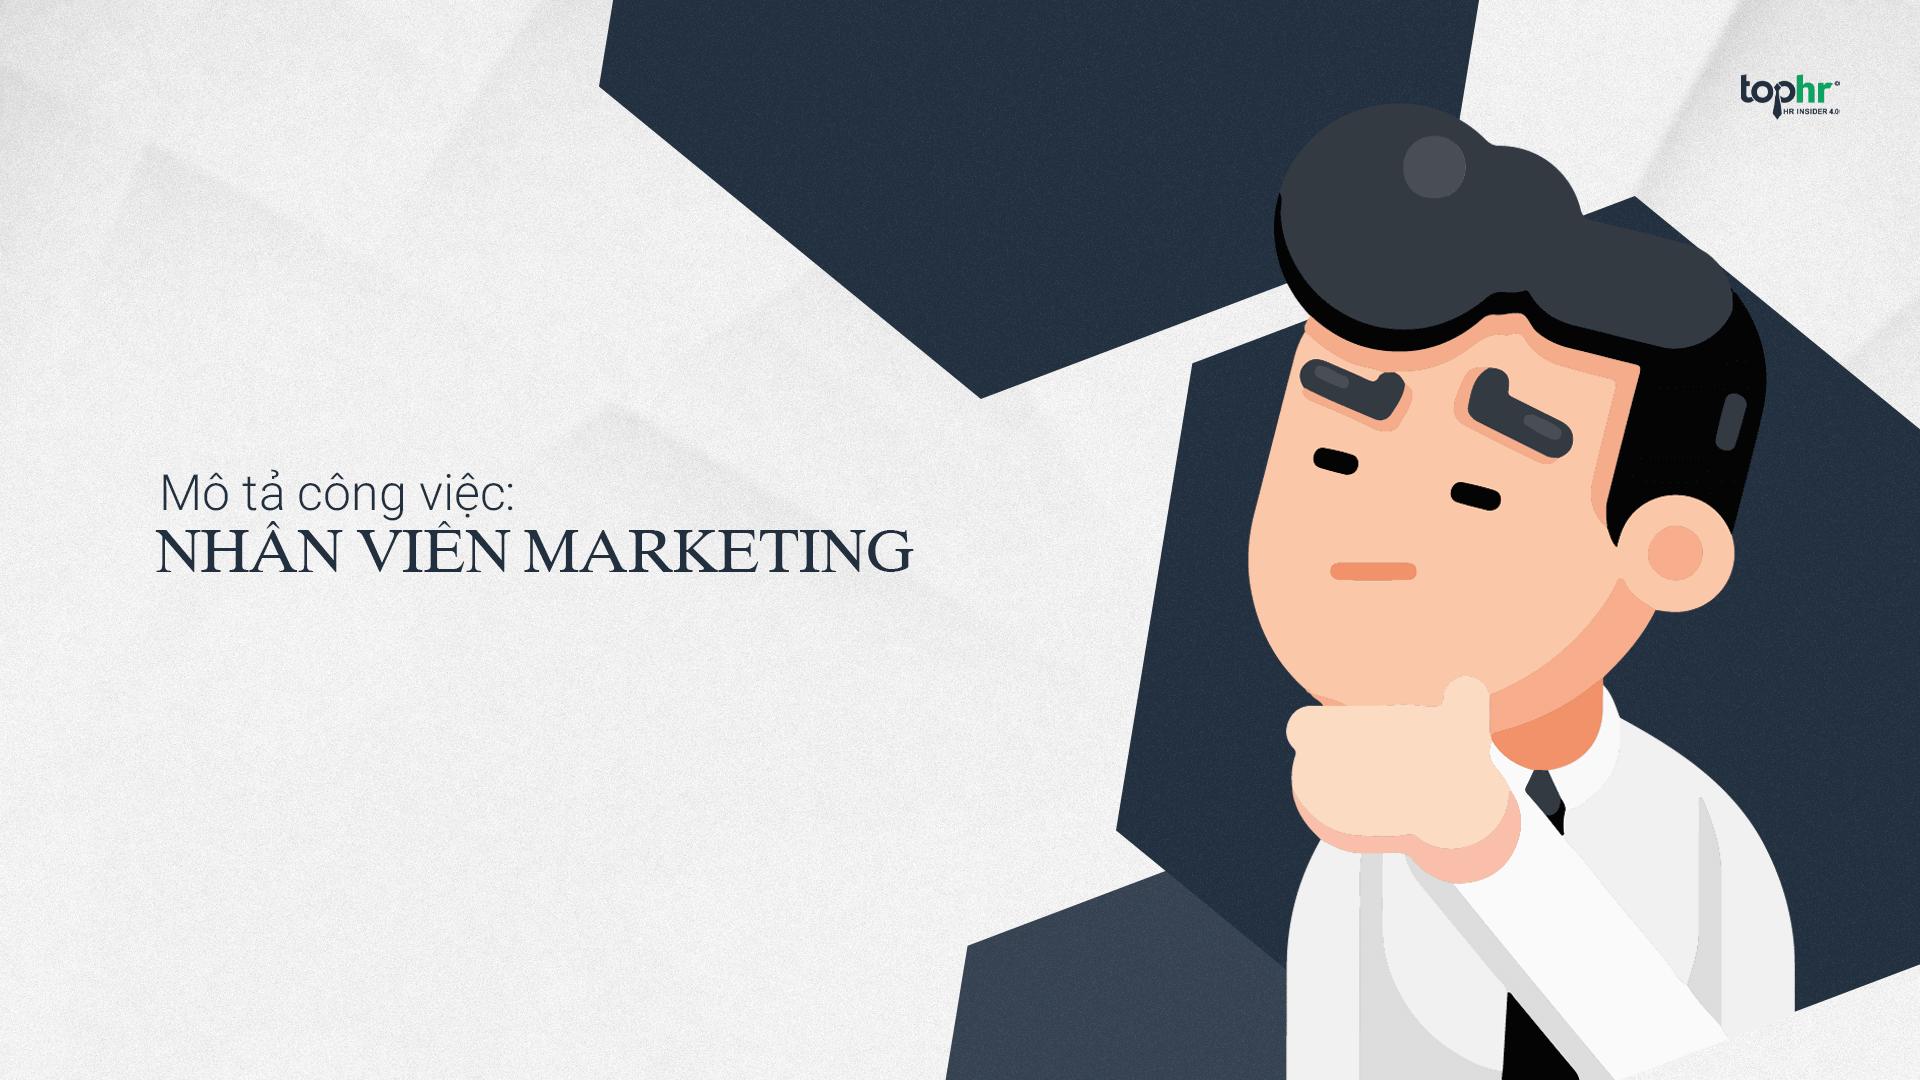 Mô tả công việc của Marketing specialist là gì?